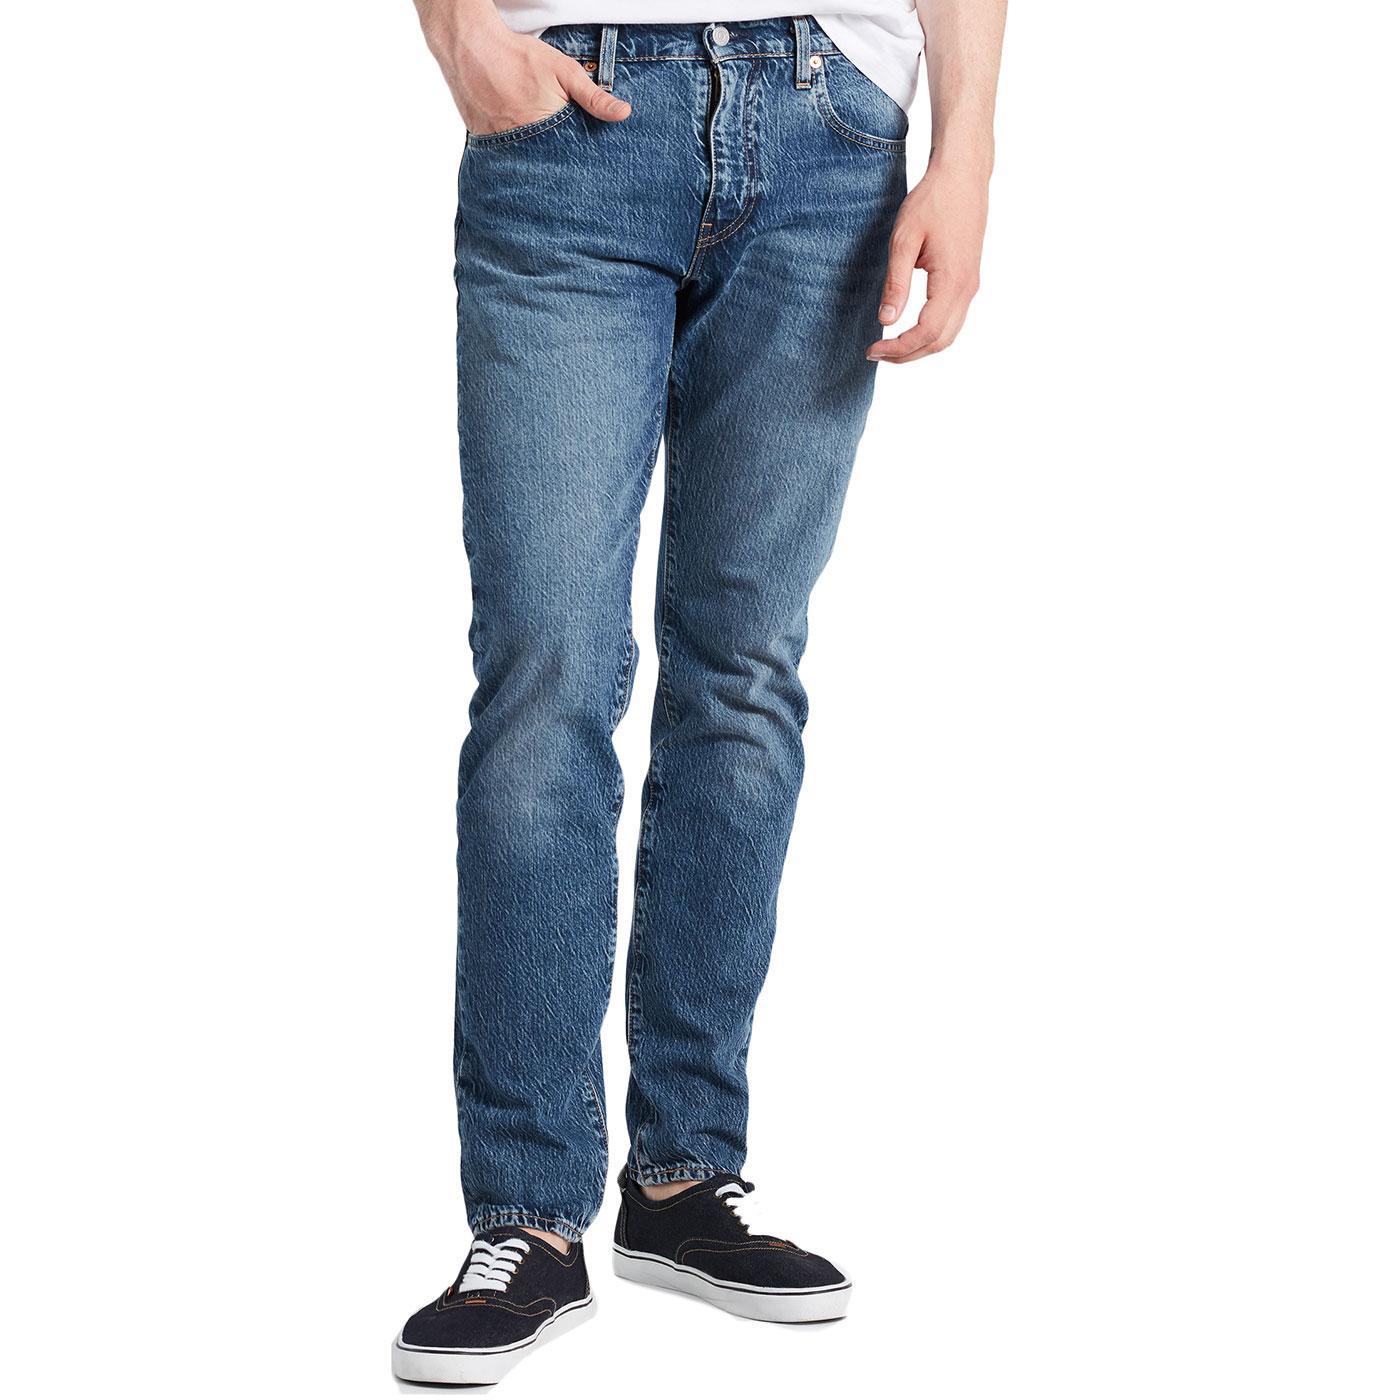 LEVI'S 512 Slim Taper Denim Jeans (Marcel Dark)